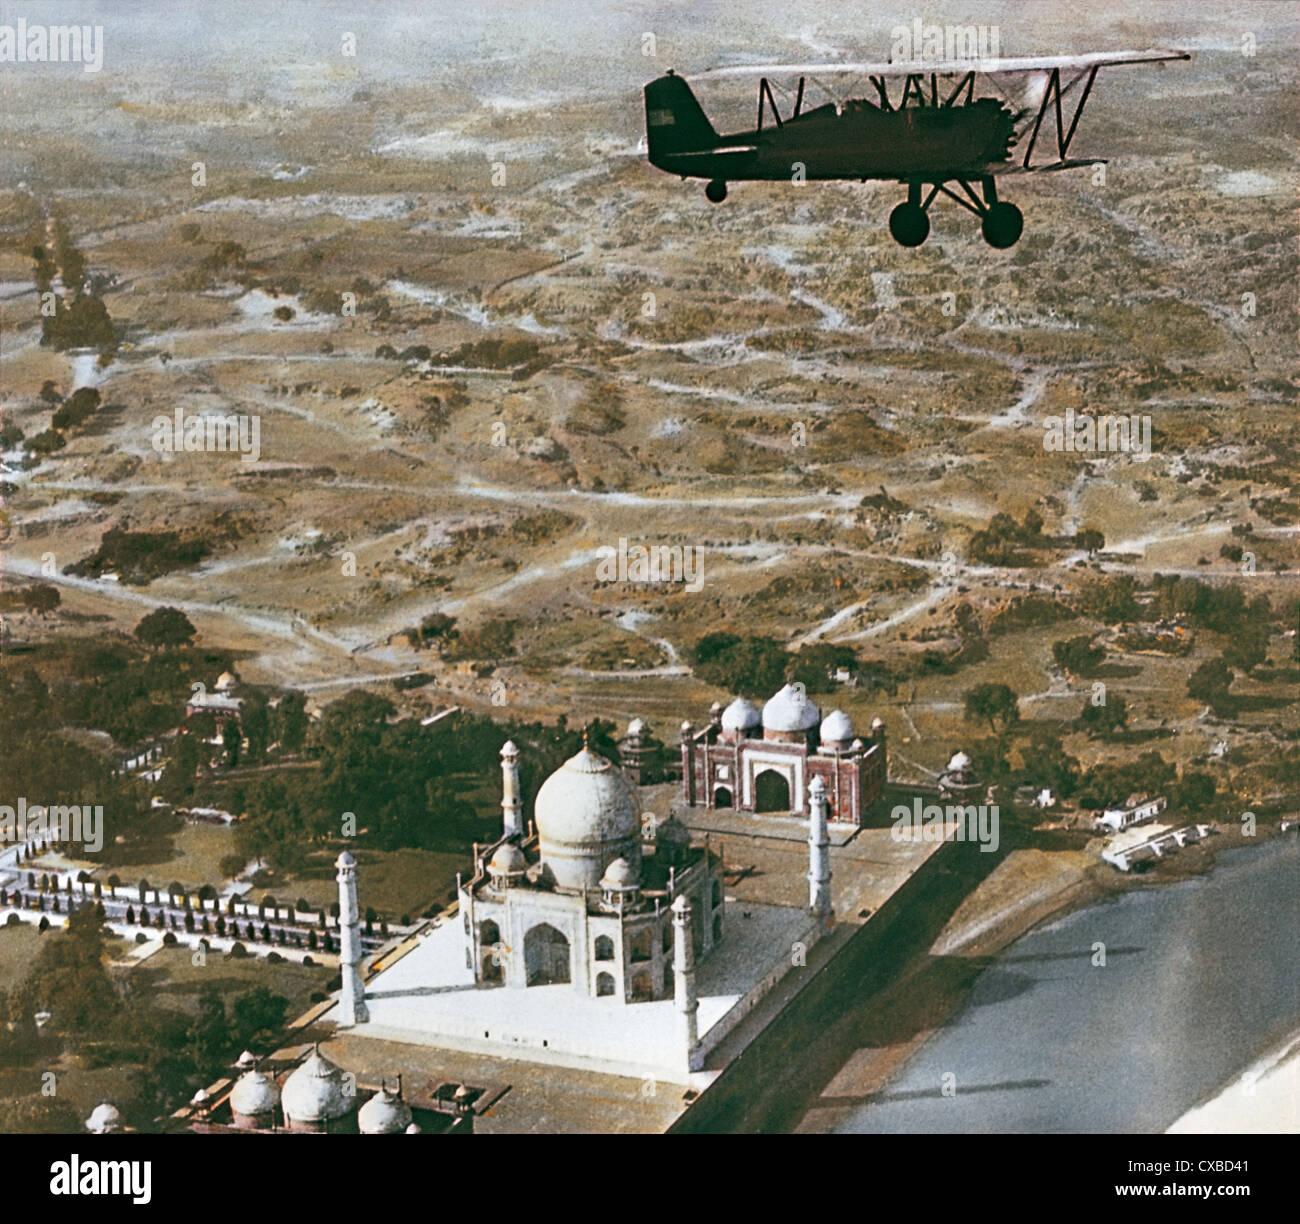 Vol d'un avion plus de Taj Mahal, Agra, Inde, fin des années 1930 Banque D'Images